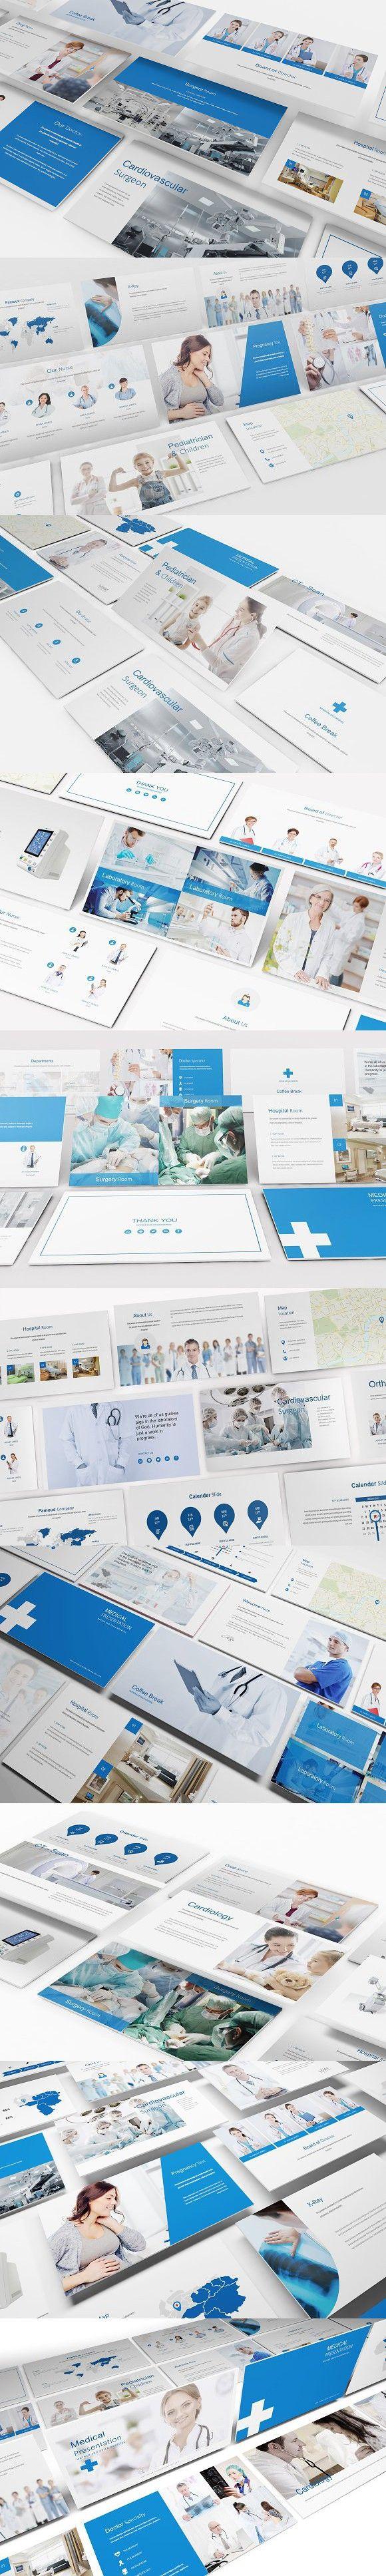 Medical And Hospital Google Slide Hospital Healthcare